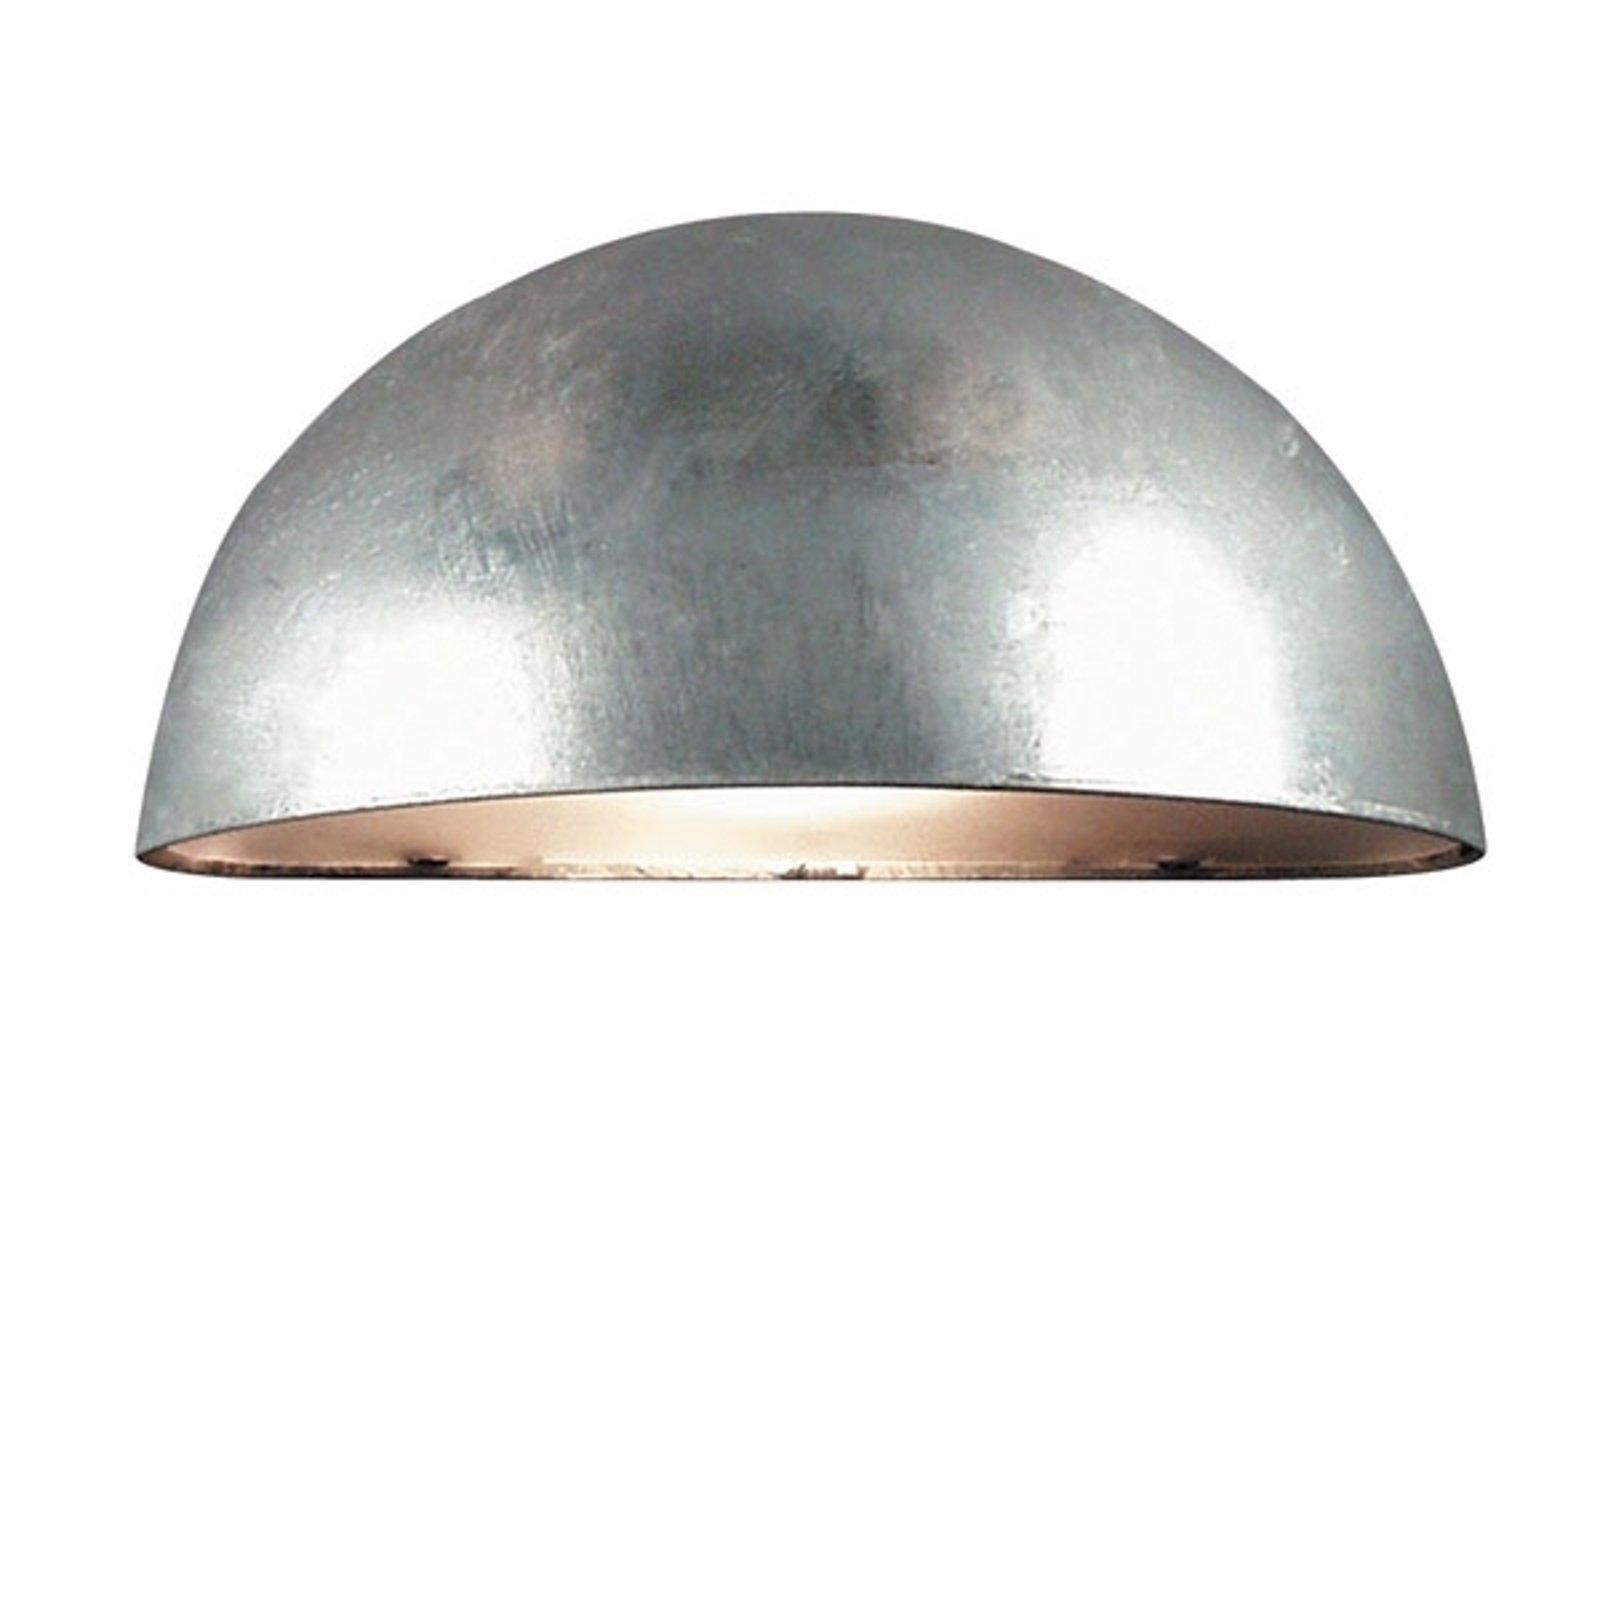 Vegglampe Bergen, halvrund, sølvgrå